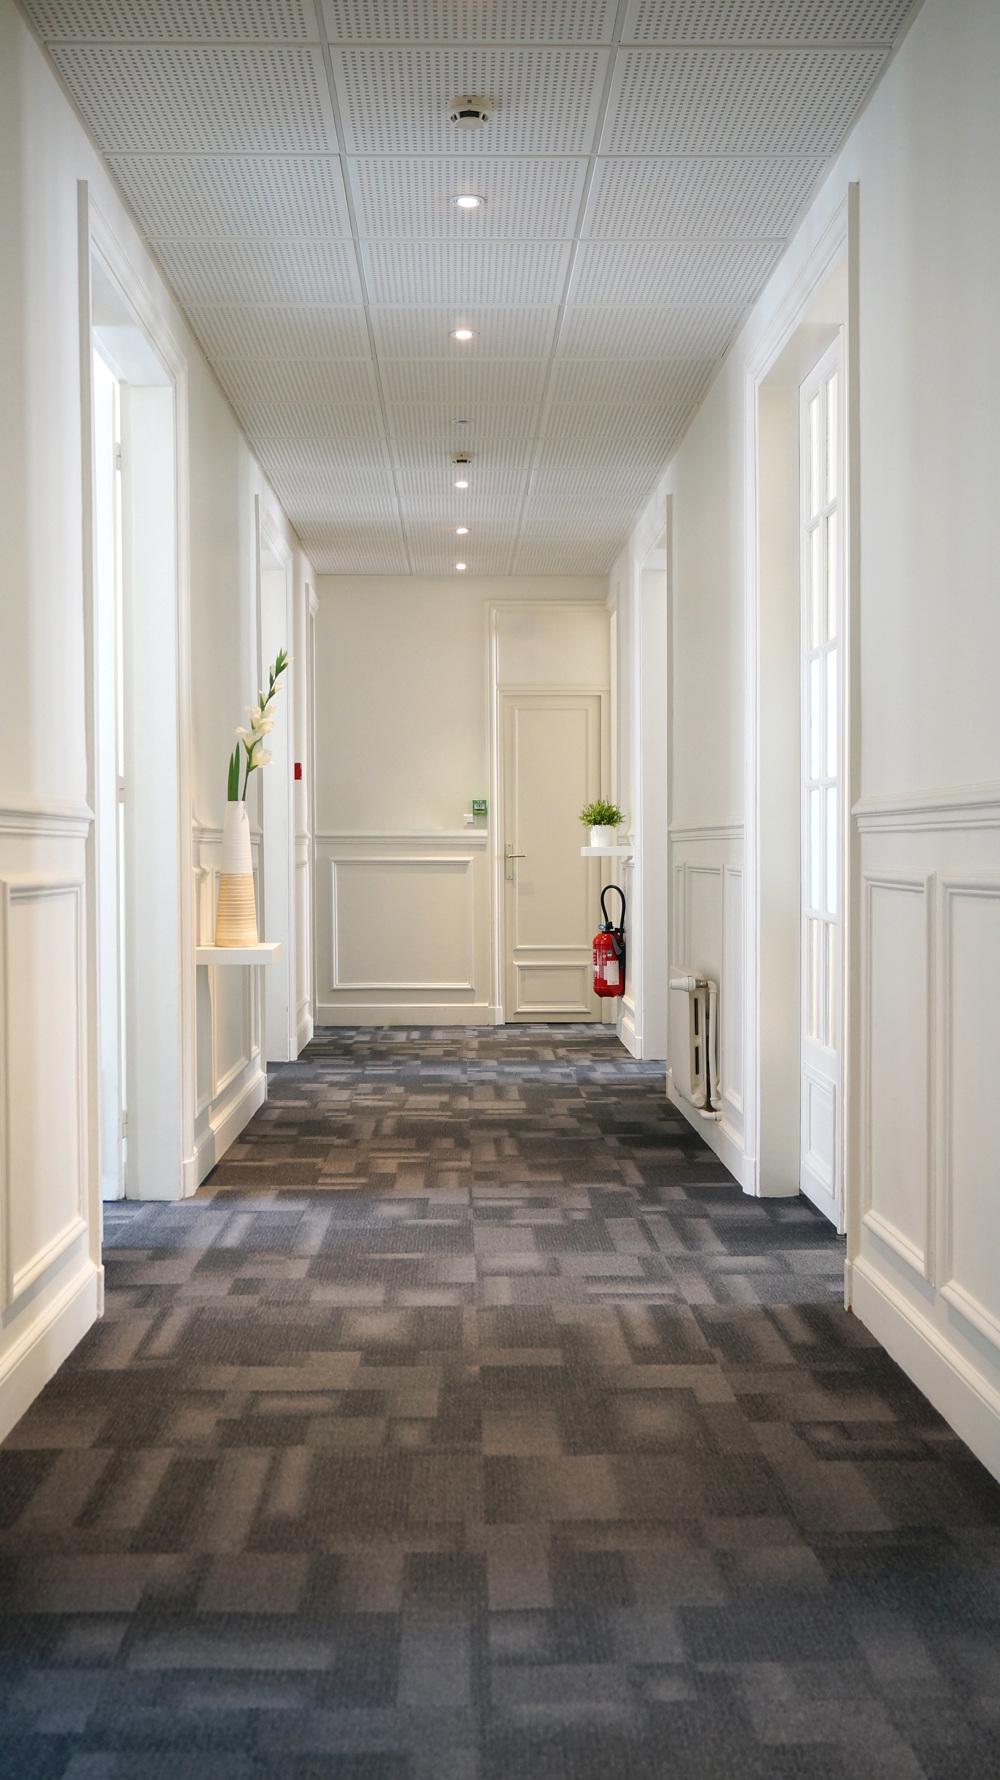 product architecte paris 18 me bardin architecte architecture int rieur paris. Black Bedroom Furniture Sets. Home Design Ideas